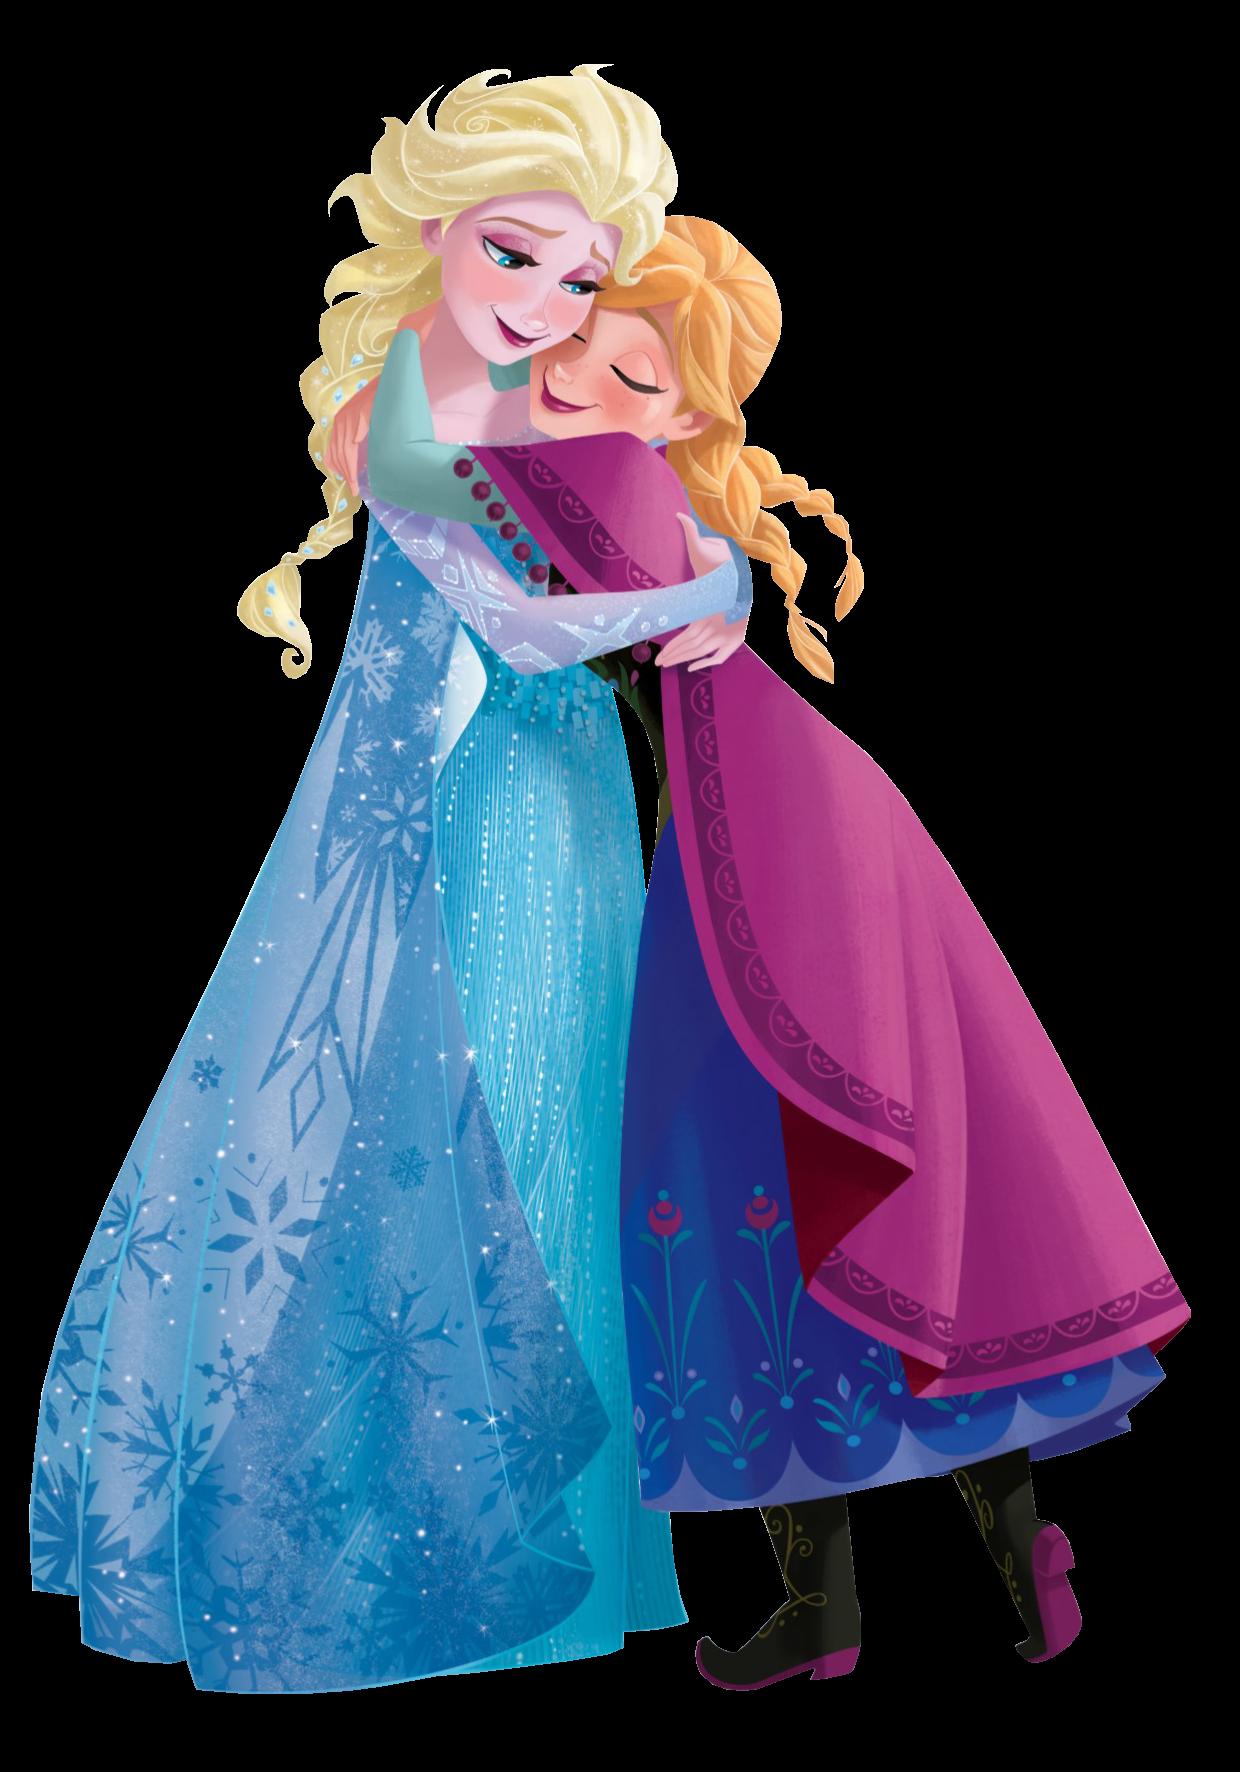 Elsa clipart coronation. Egipciaca and anna disney